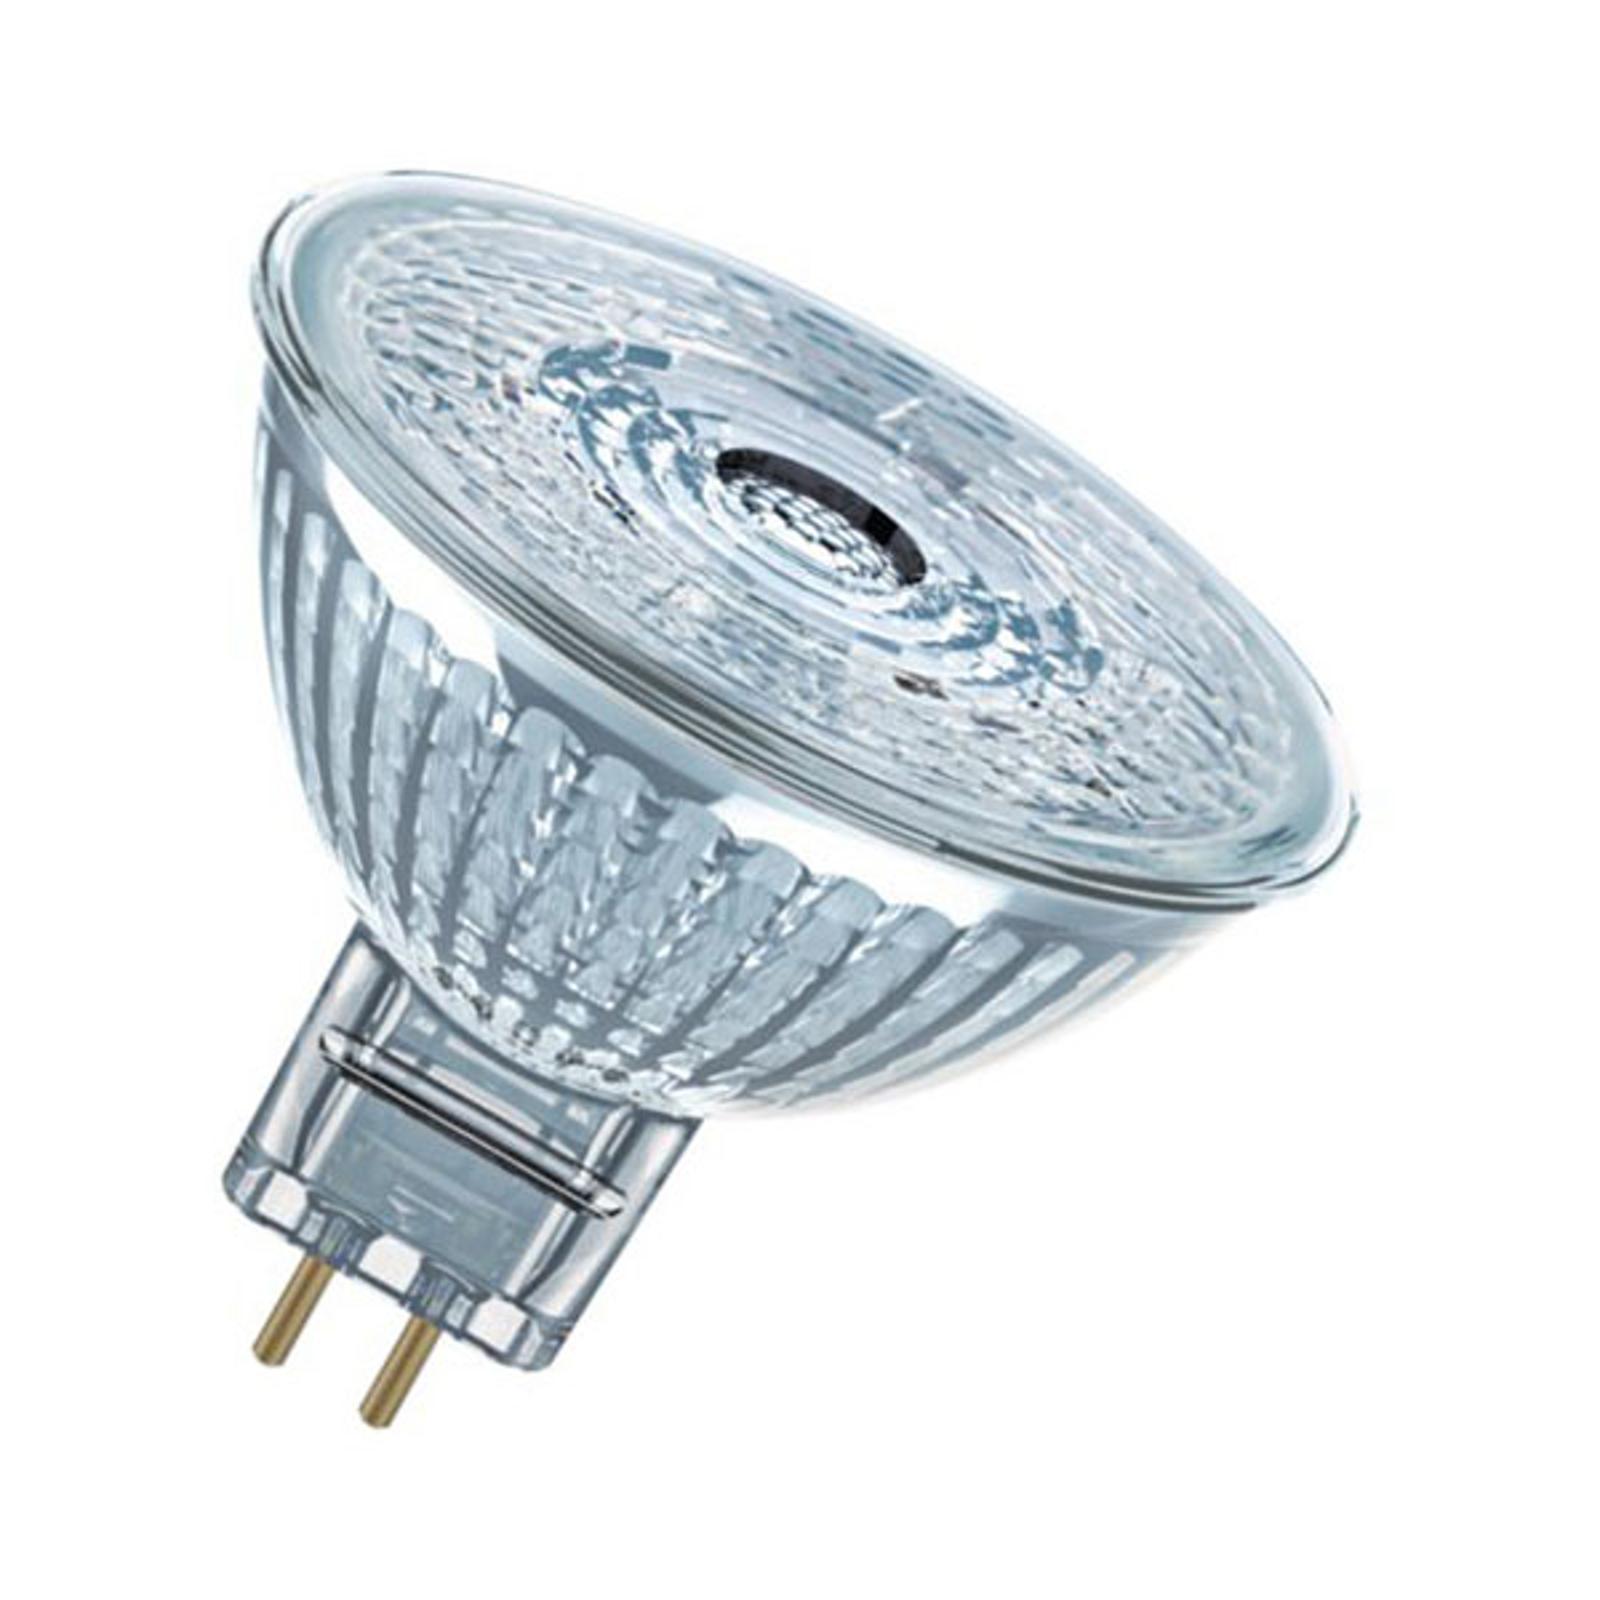 Reflektor LED GU5,3 3,8W Star 36°4000K